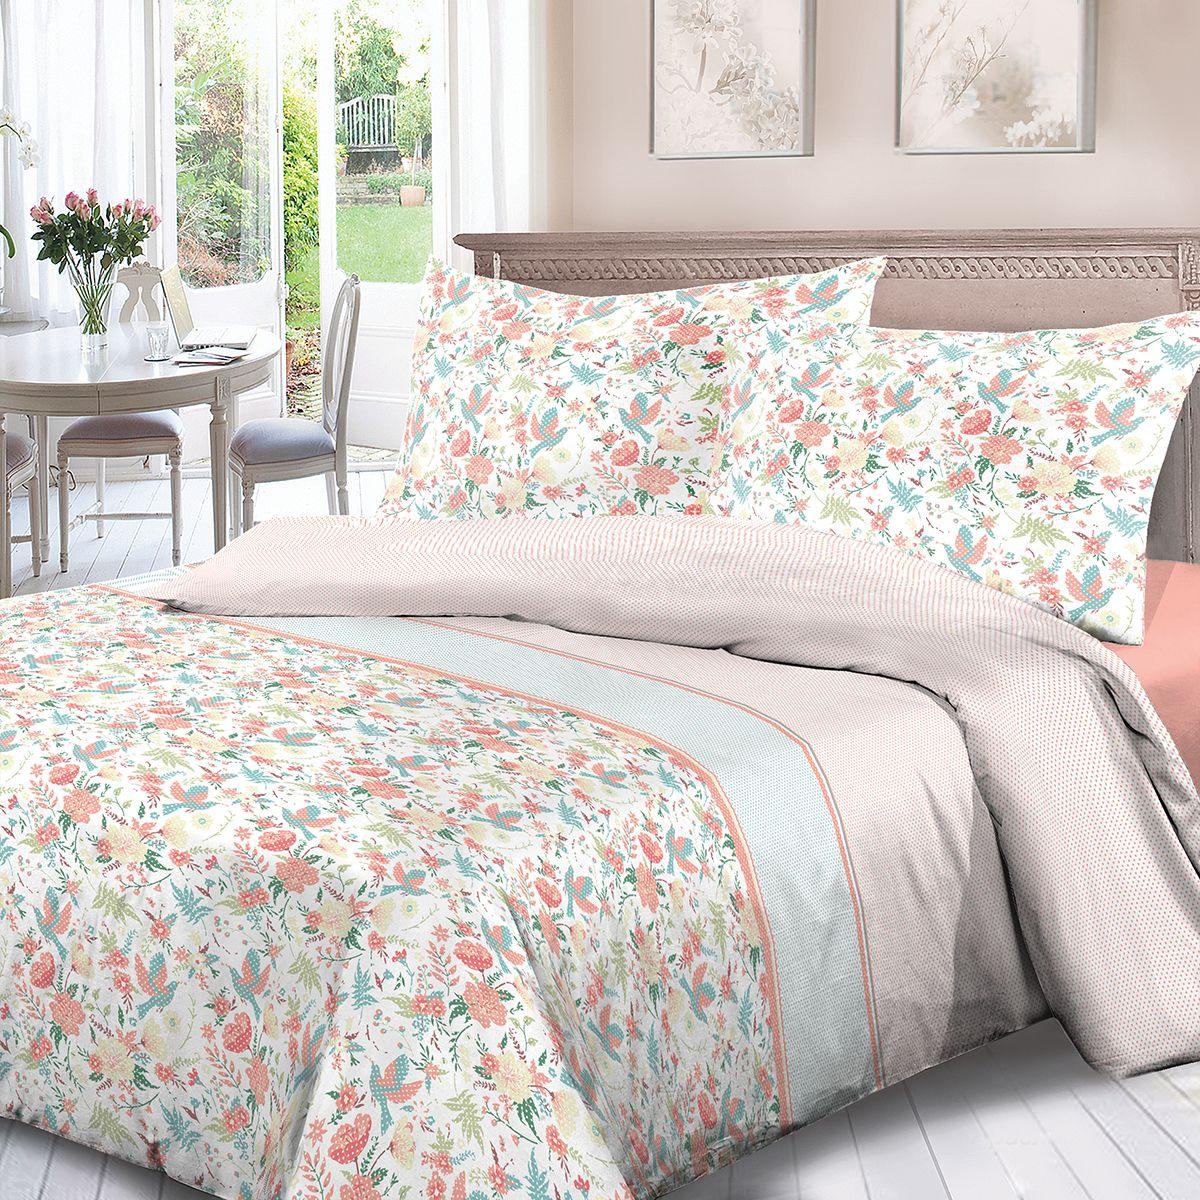 Комплект белья Для Снов Ариэль, семейный, наволочки 70x70, цвет: персиковый. 4128-190157